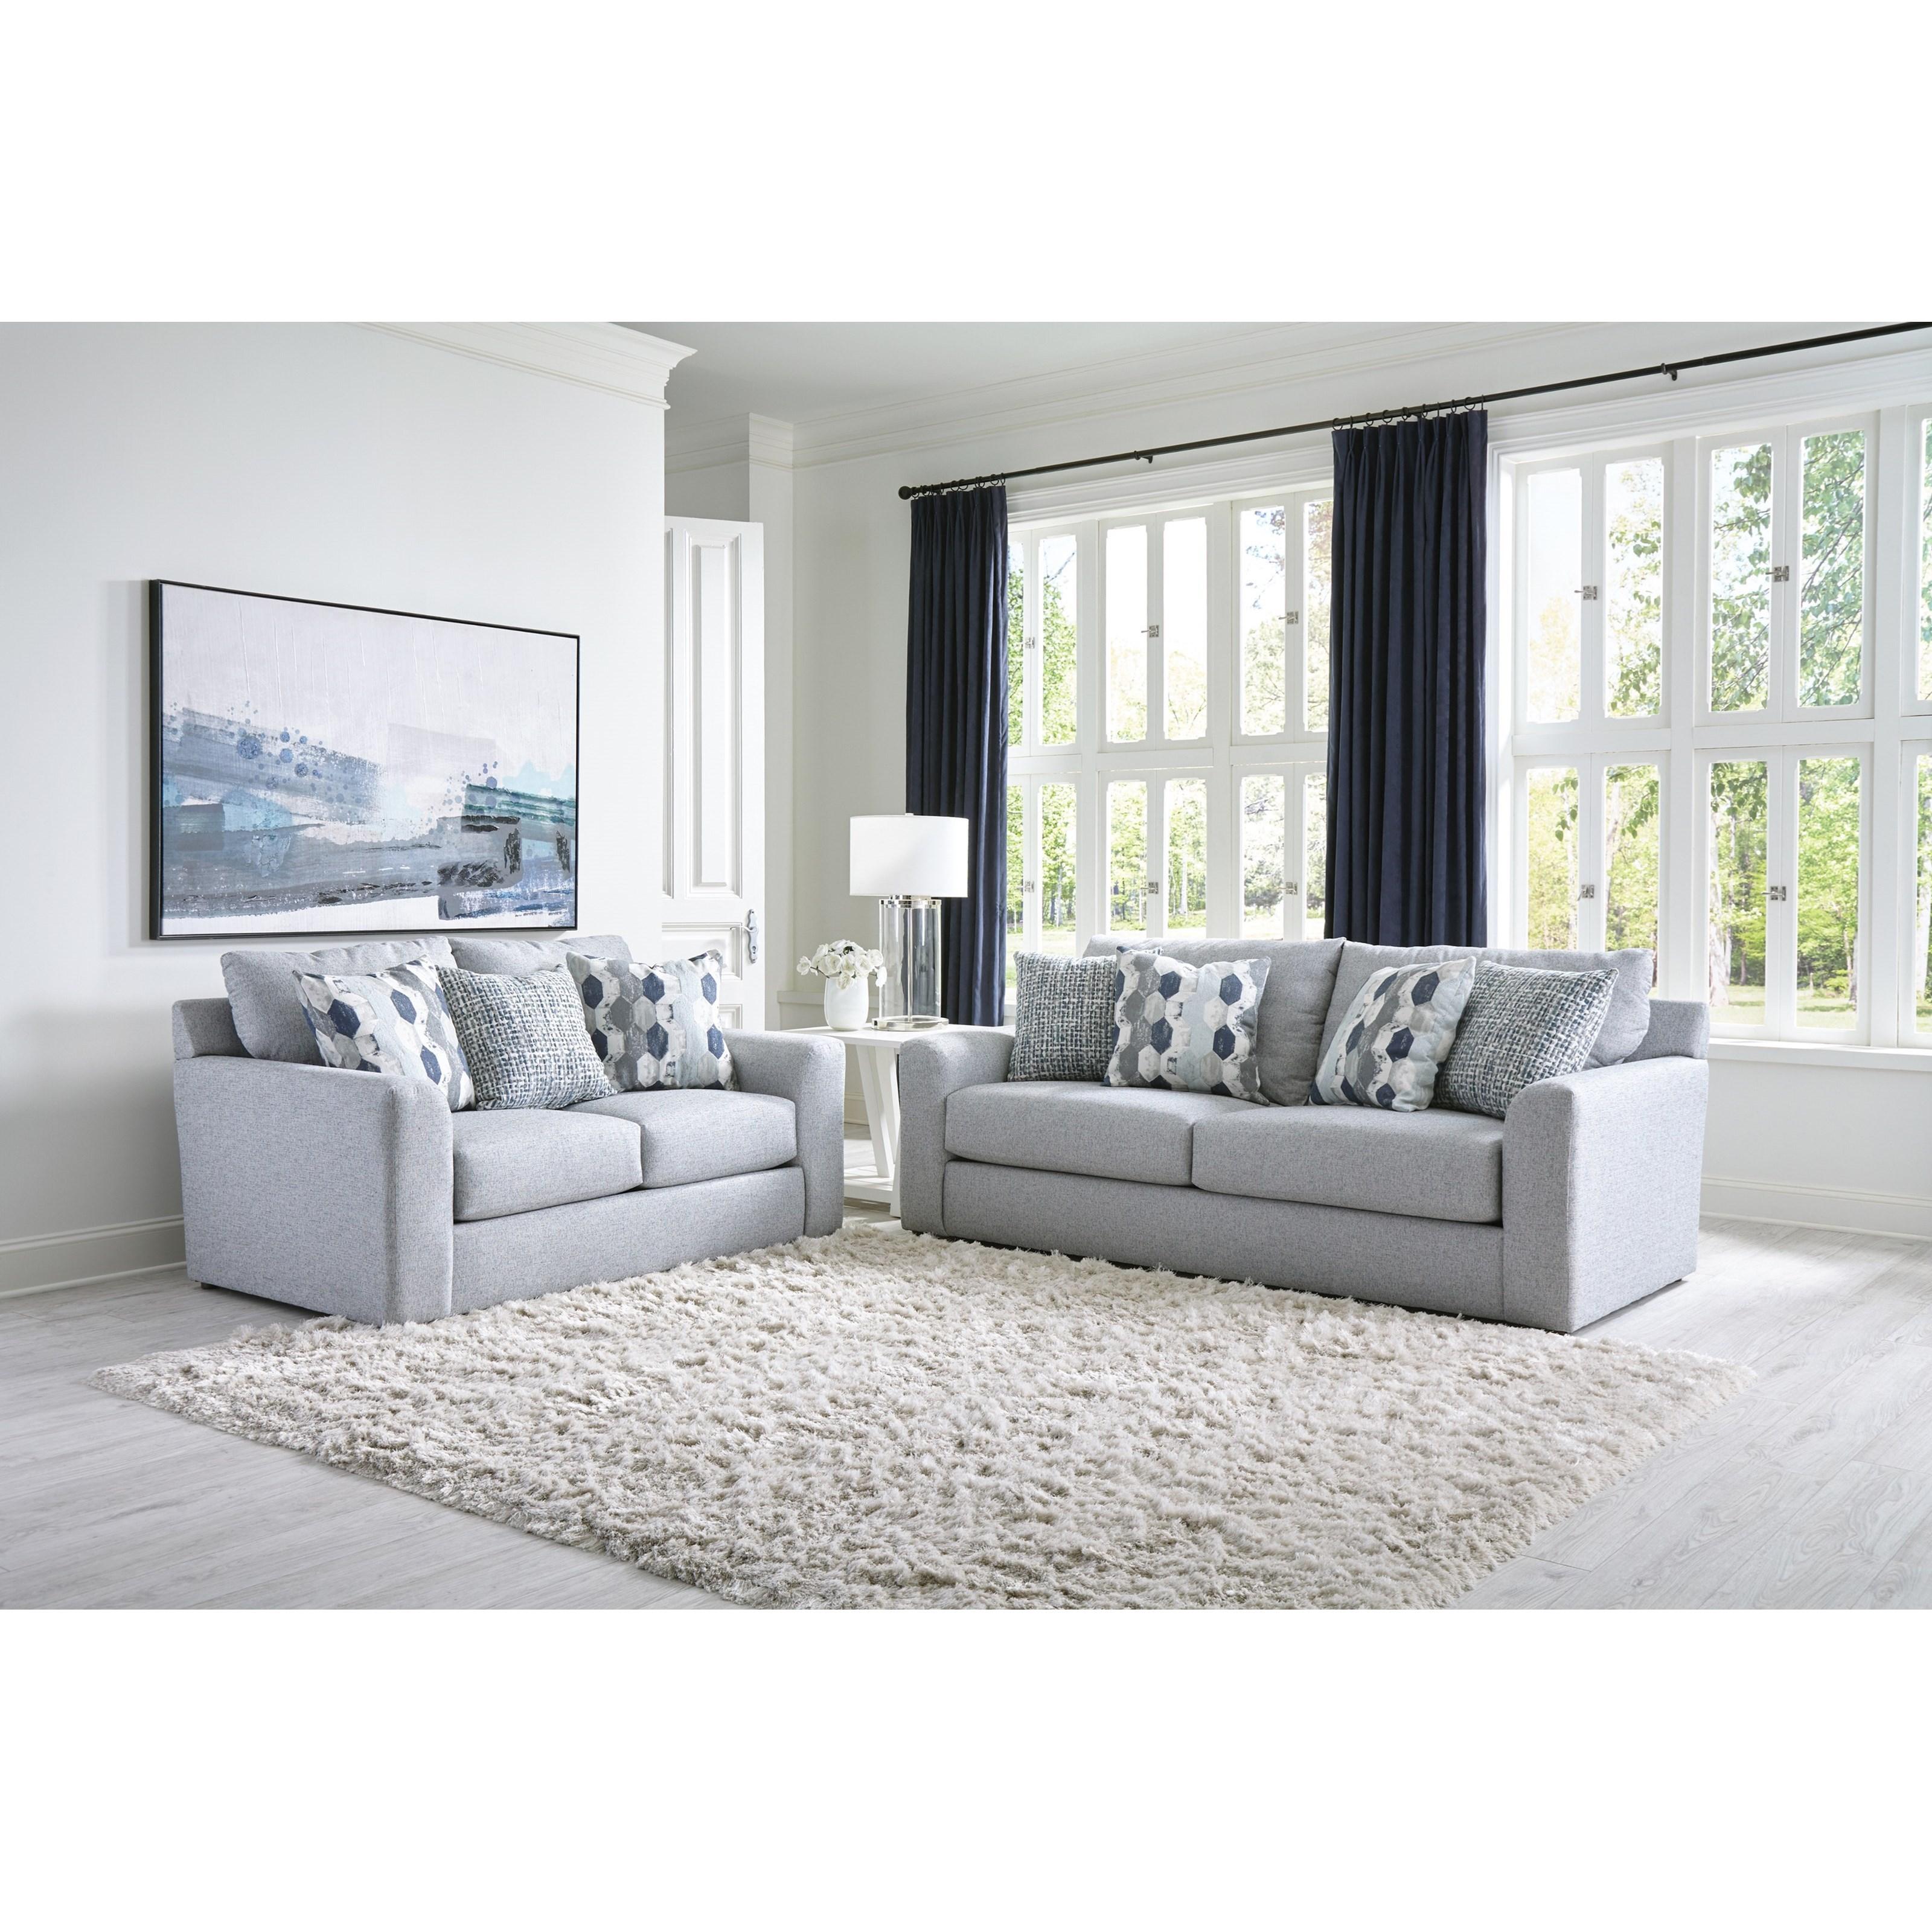 Hooten Living Room Group by Jackson Furniture at Bullard Furniture